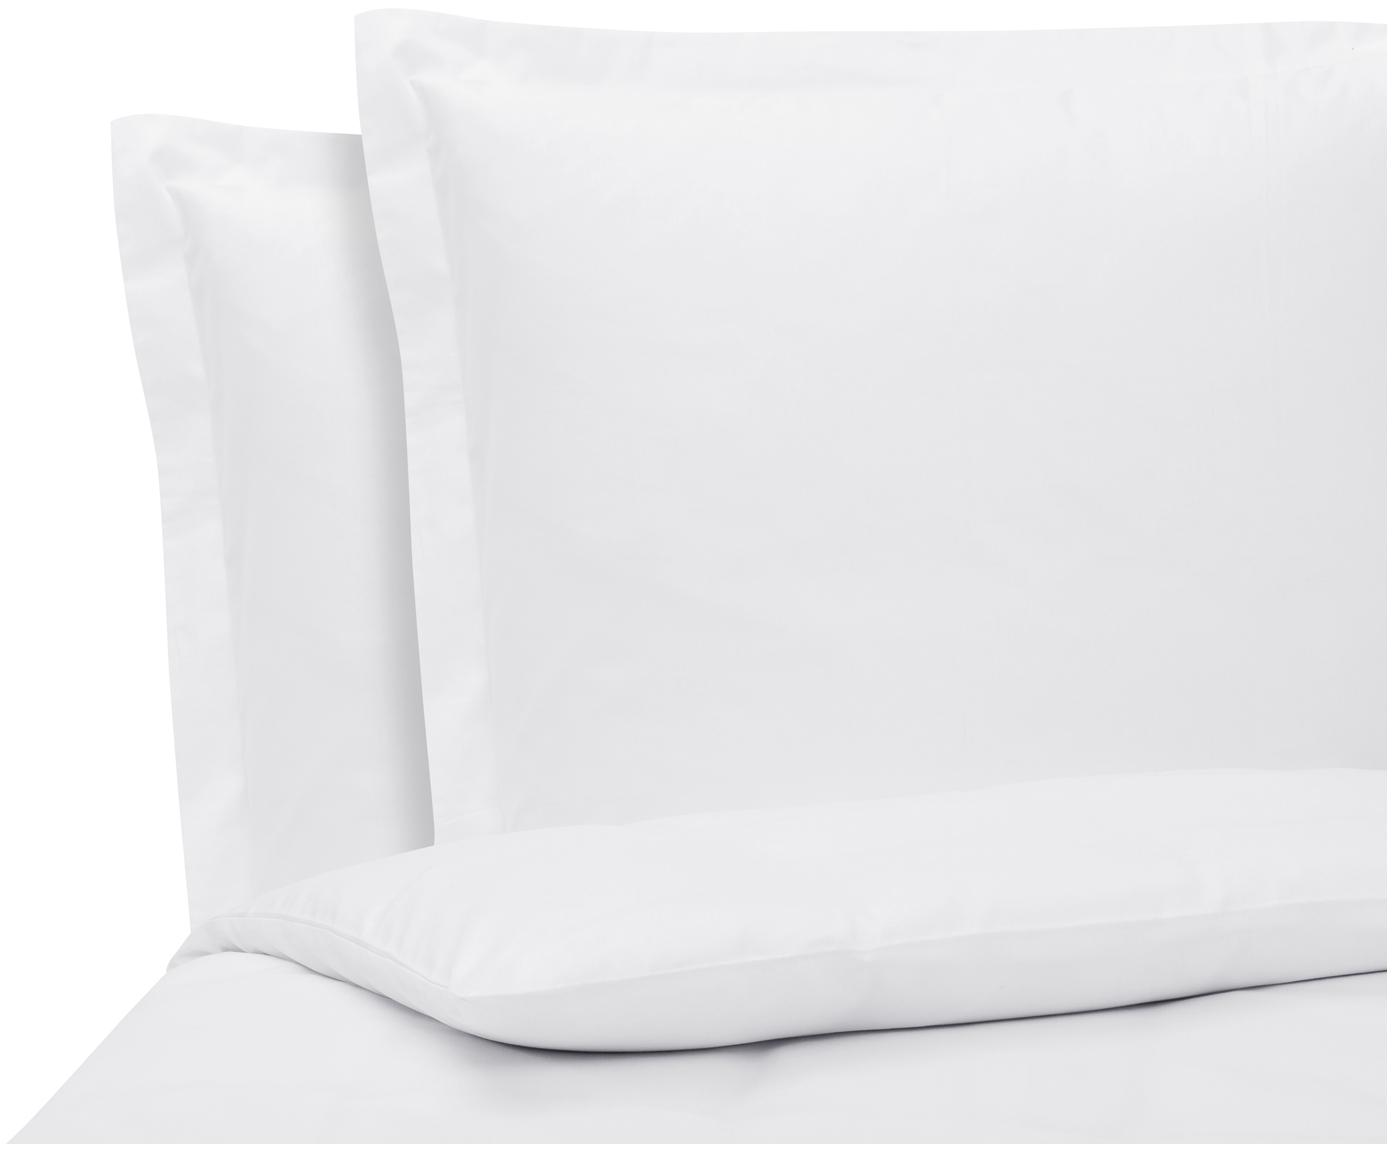 Baumwollsatin-Bettwäsche Premium in Weiß mit Stehsaum, Webart: Satin Fadendichte 400 TC,, Weiß, 240 x 220 cm + 2 Kissen 80 x 80 cm